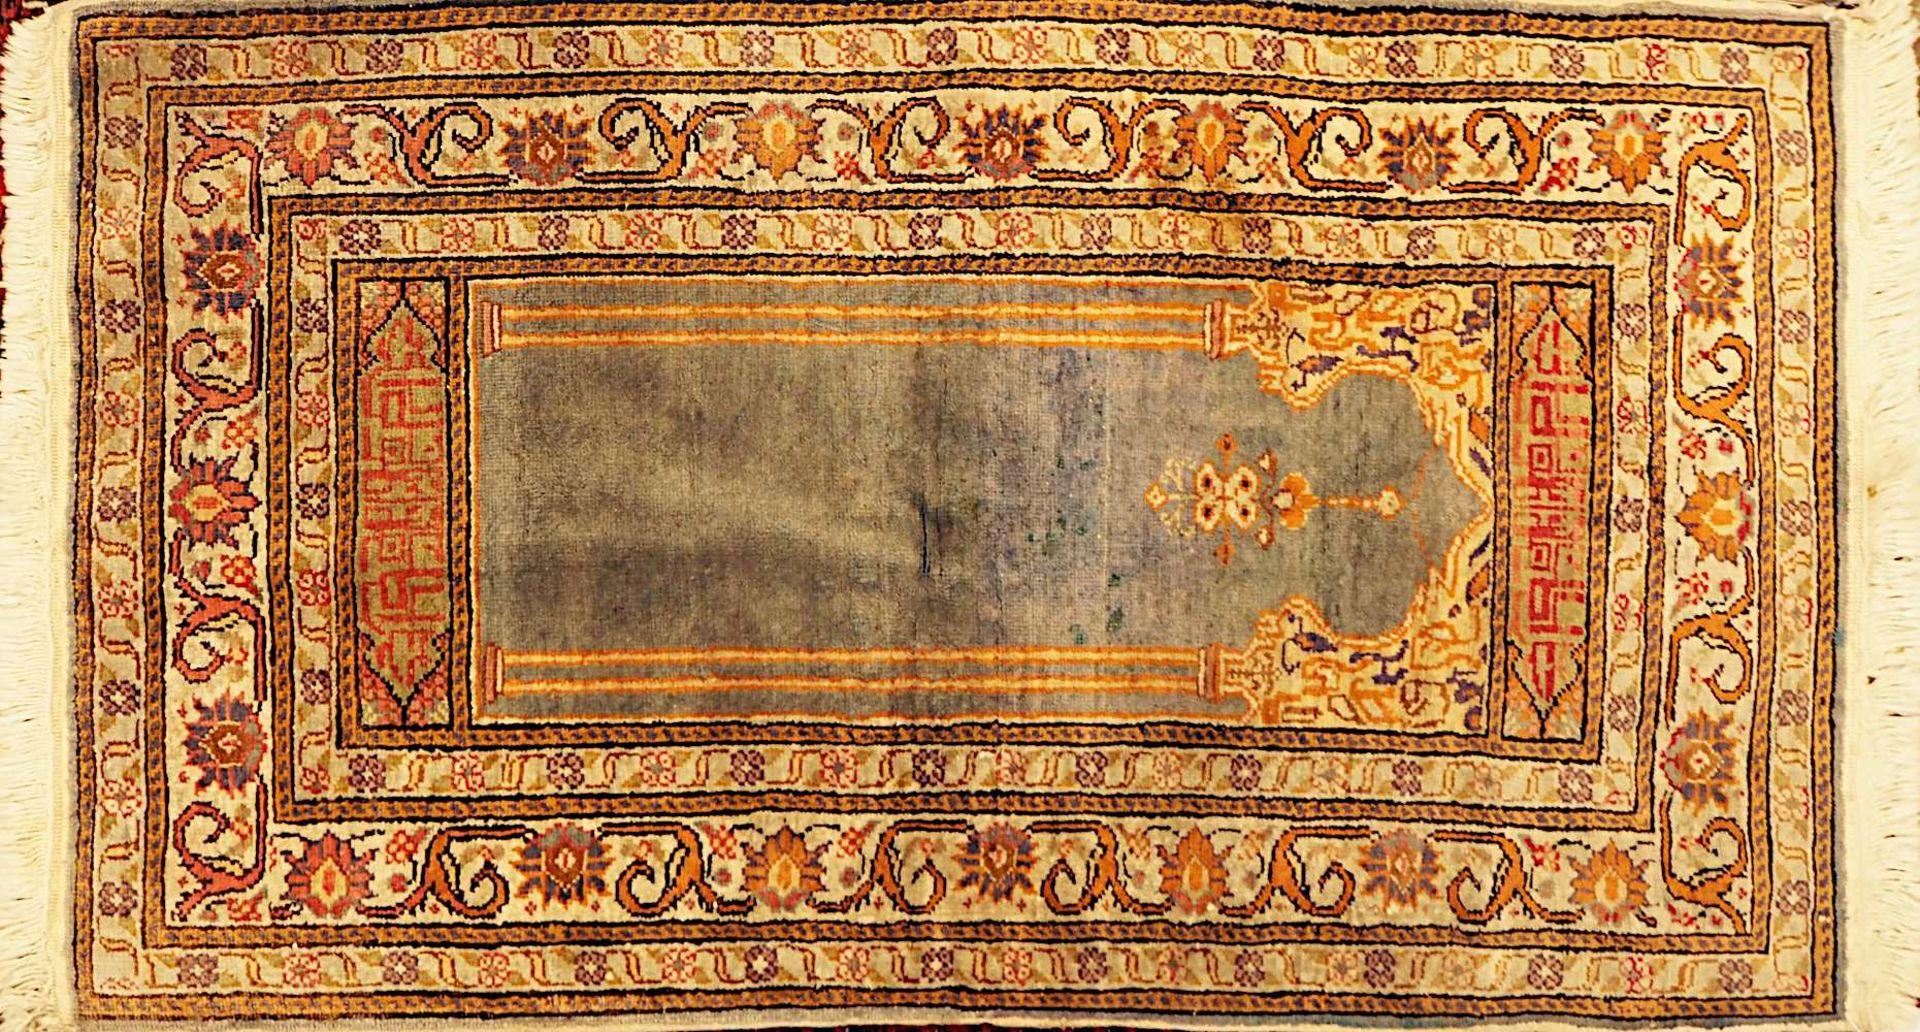 1 Orientteppich rotgrundig, Mittelfeld mit rautenförmigem geometrisch- floralem Dekor, 20. Jh.< - Bild 2 aus 3